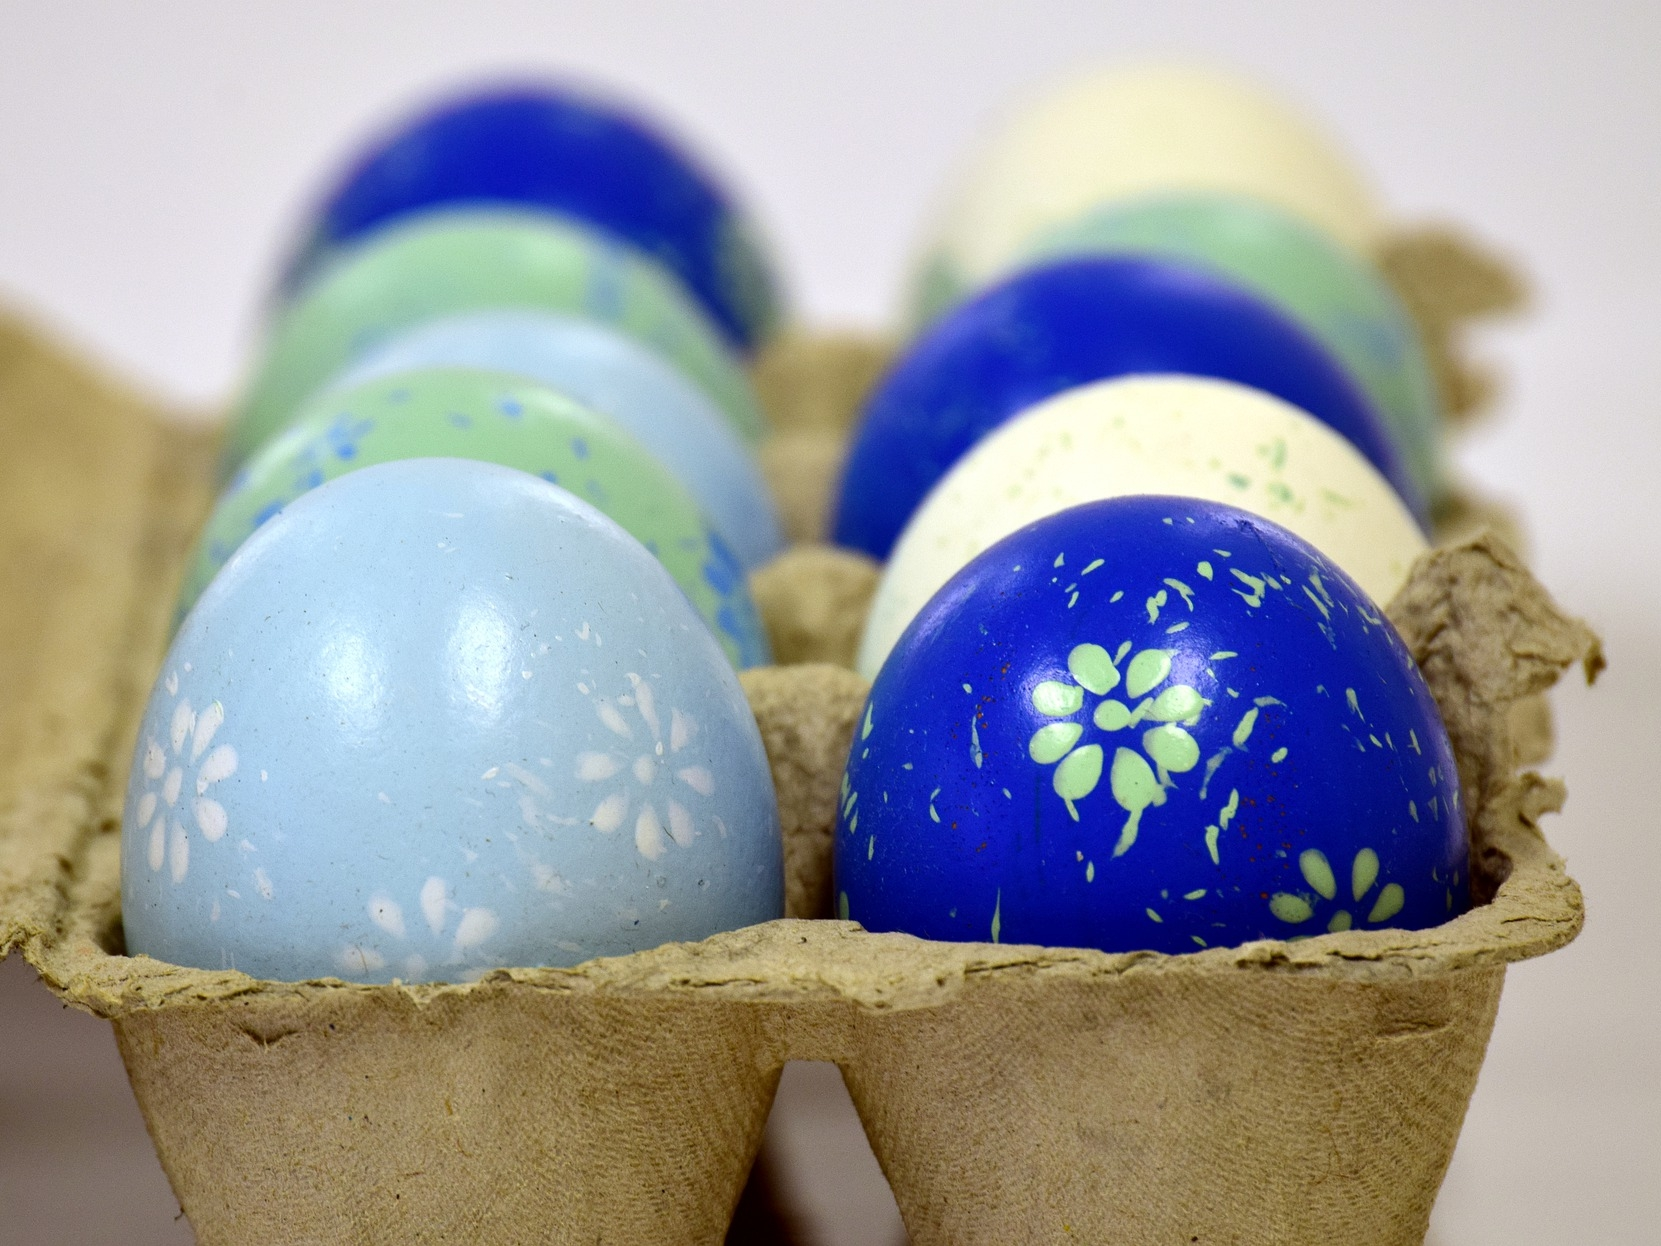 easter-eggs-3068111_1920.jpg